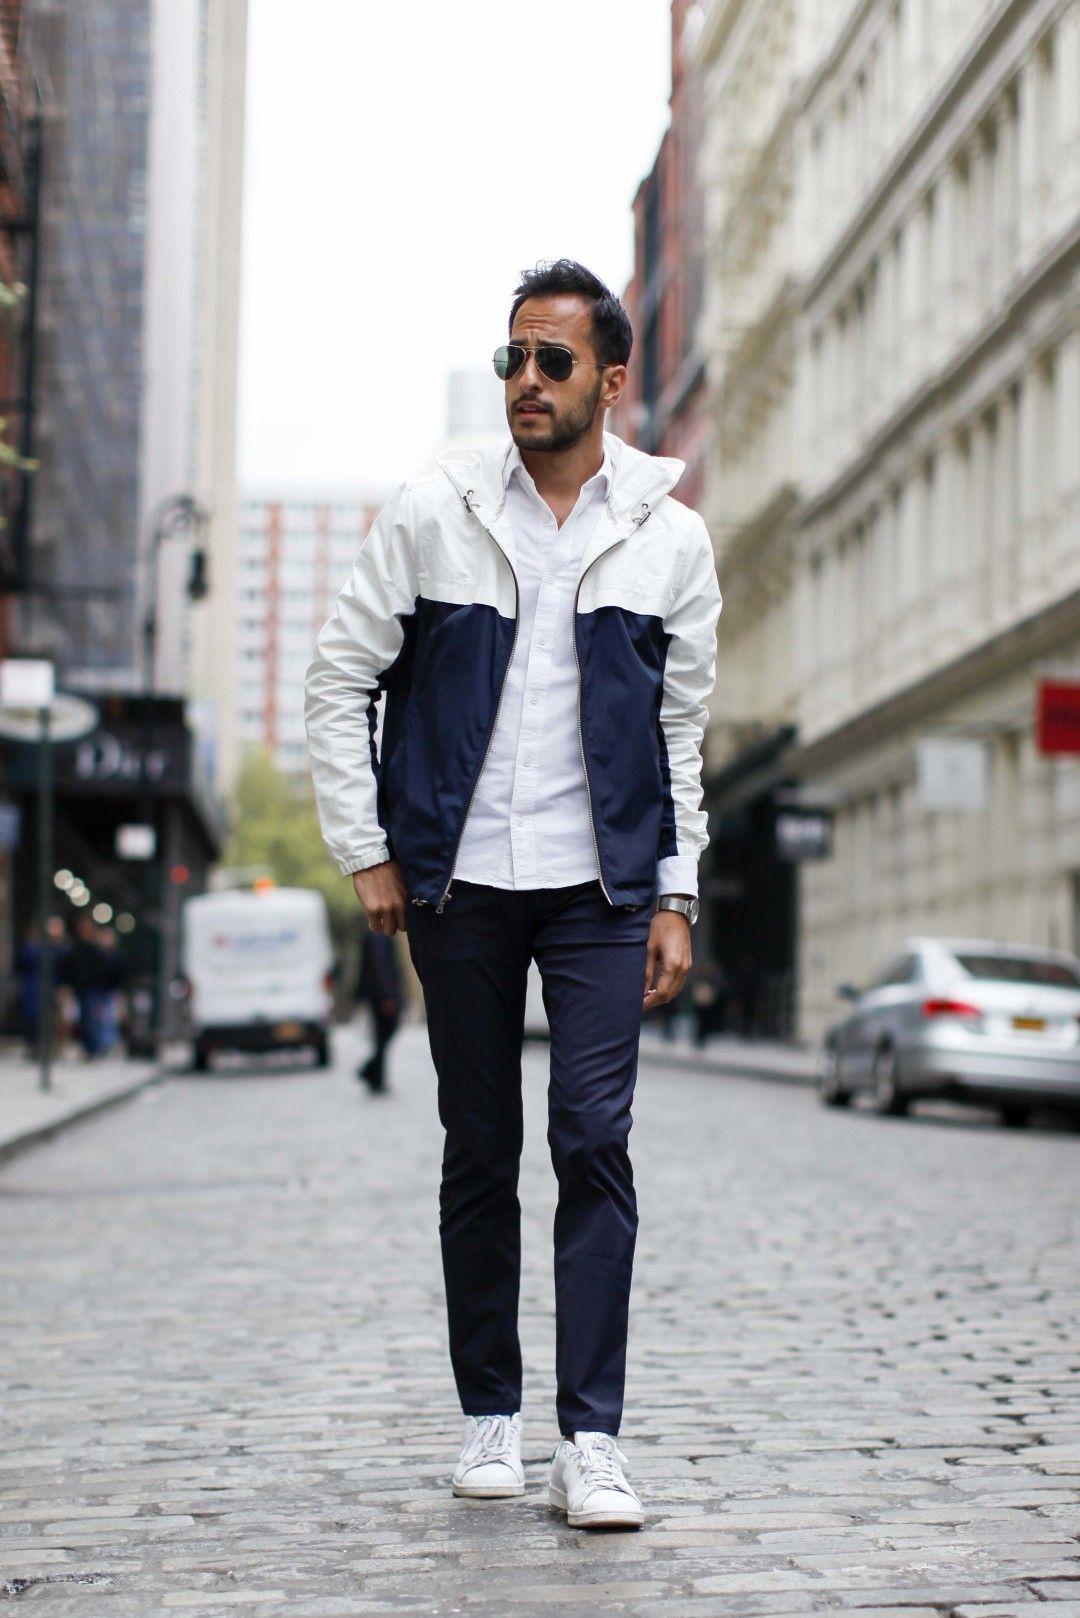 2017-01-02のファッションスナップ。着用アイテム・キーワードはサングラス, シャツ, スニーカー, チノパン, ブルゾン,etc. 理想の着こなし・コーディネートがきっとここに。| No:185791